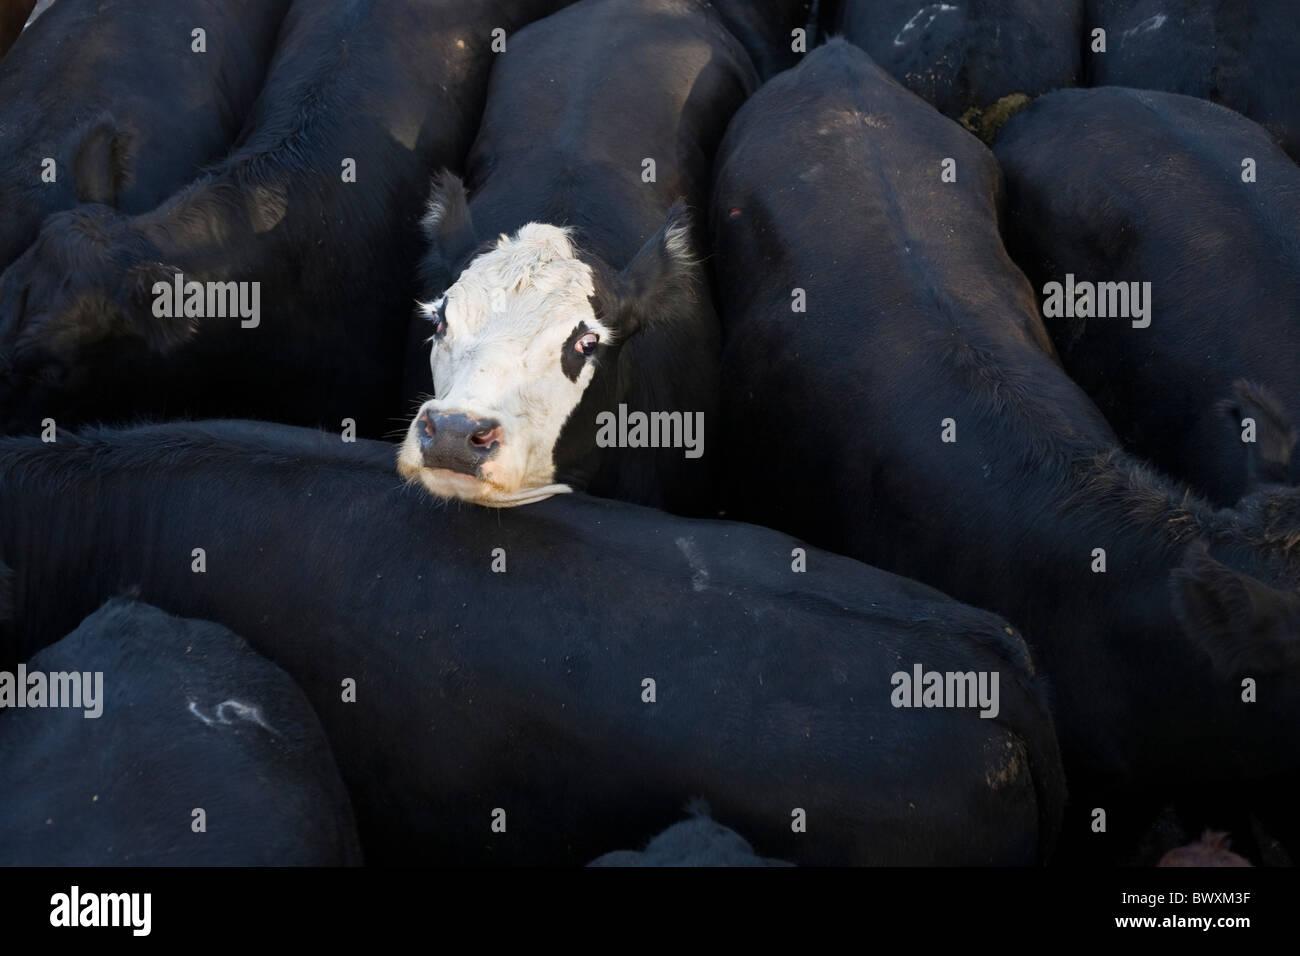 Vache blanche visage parmi les organes de la vache noire Photo Stock